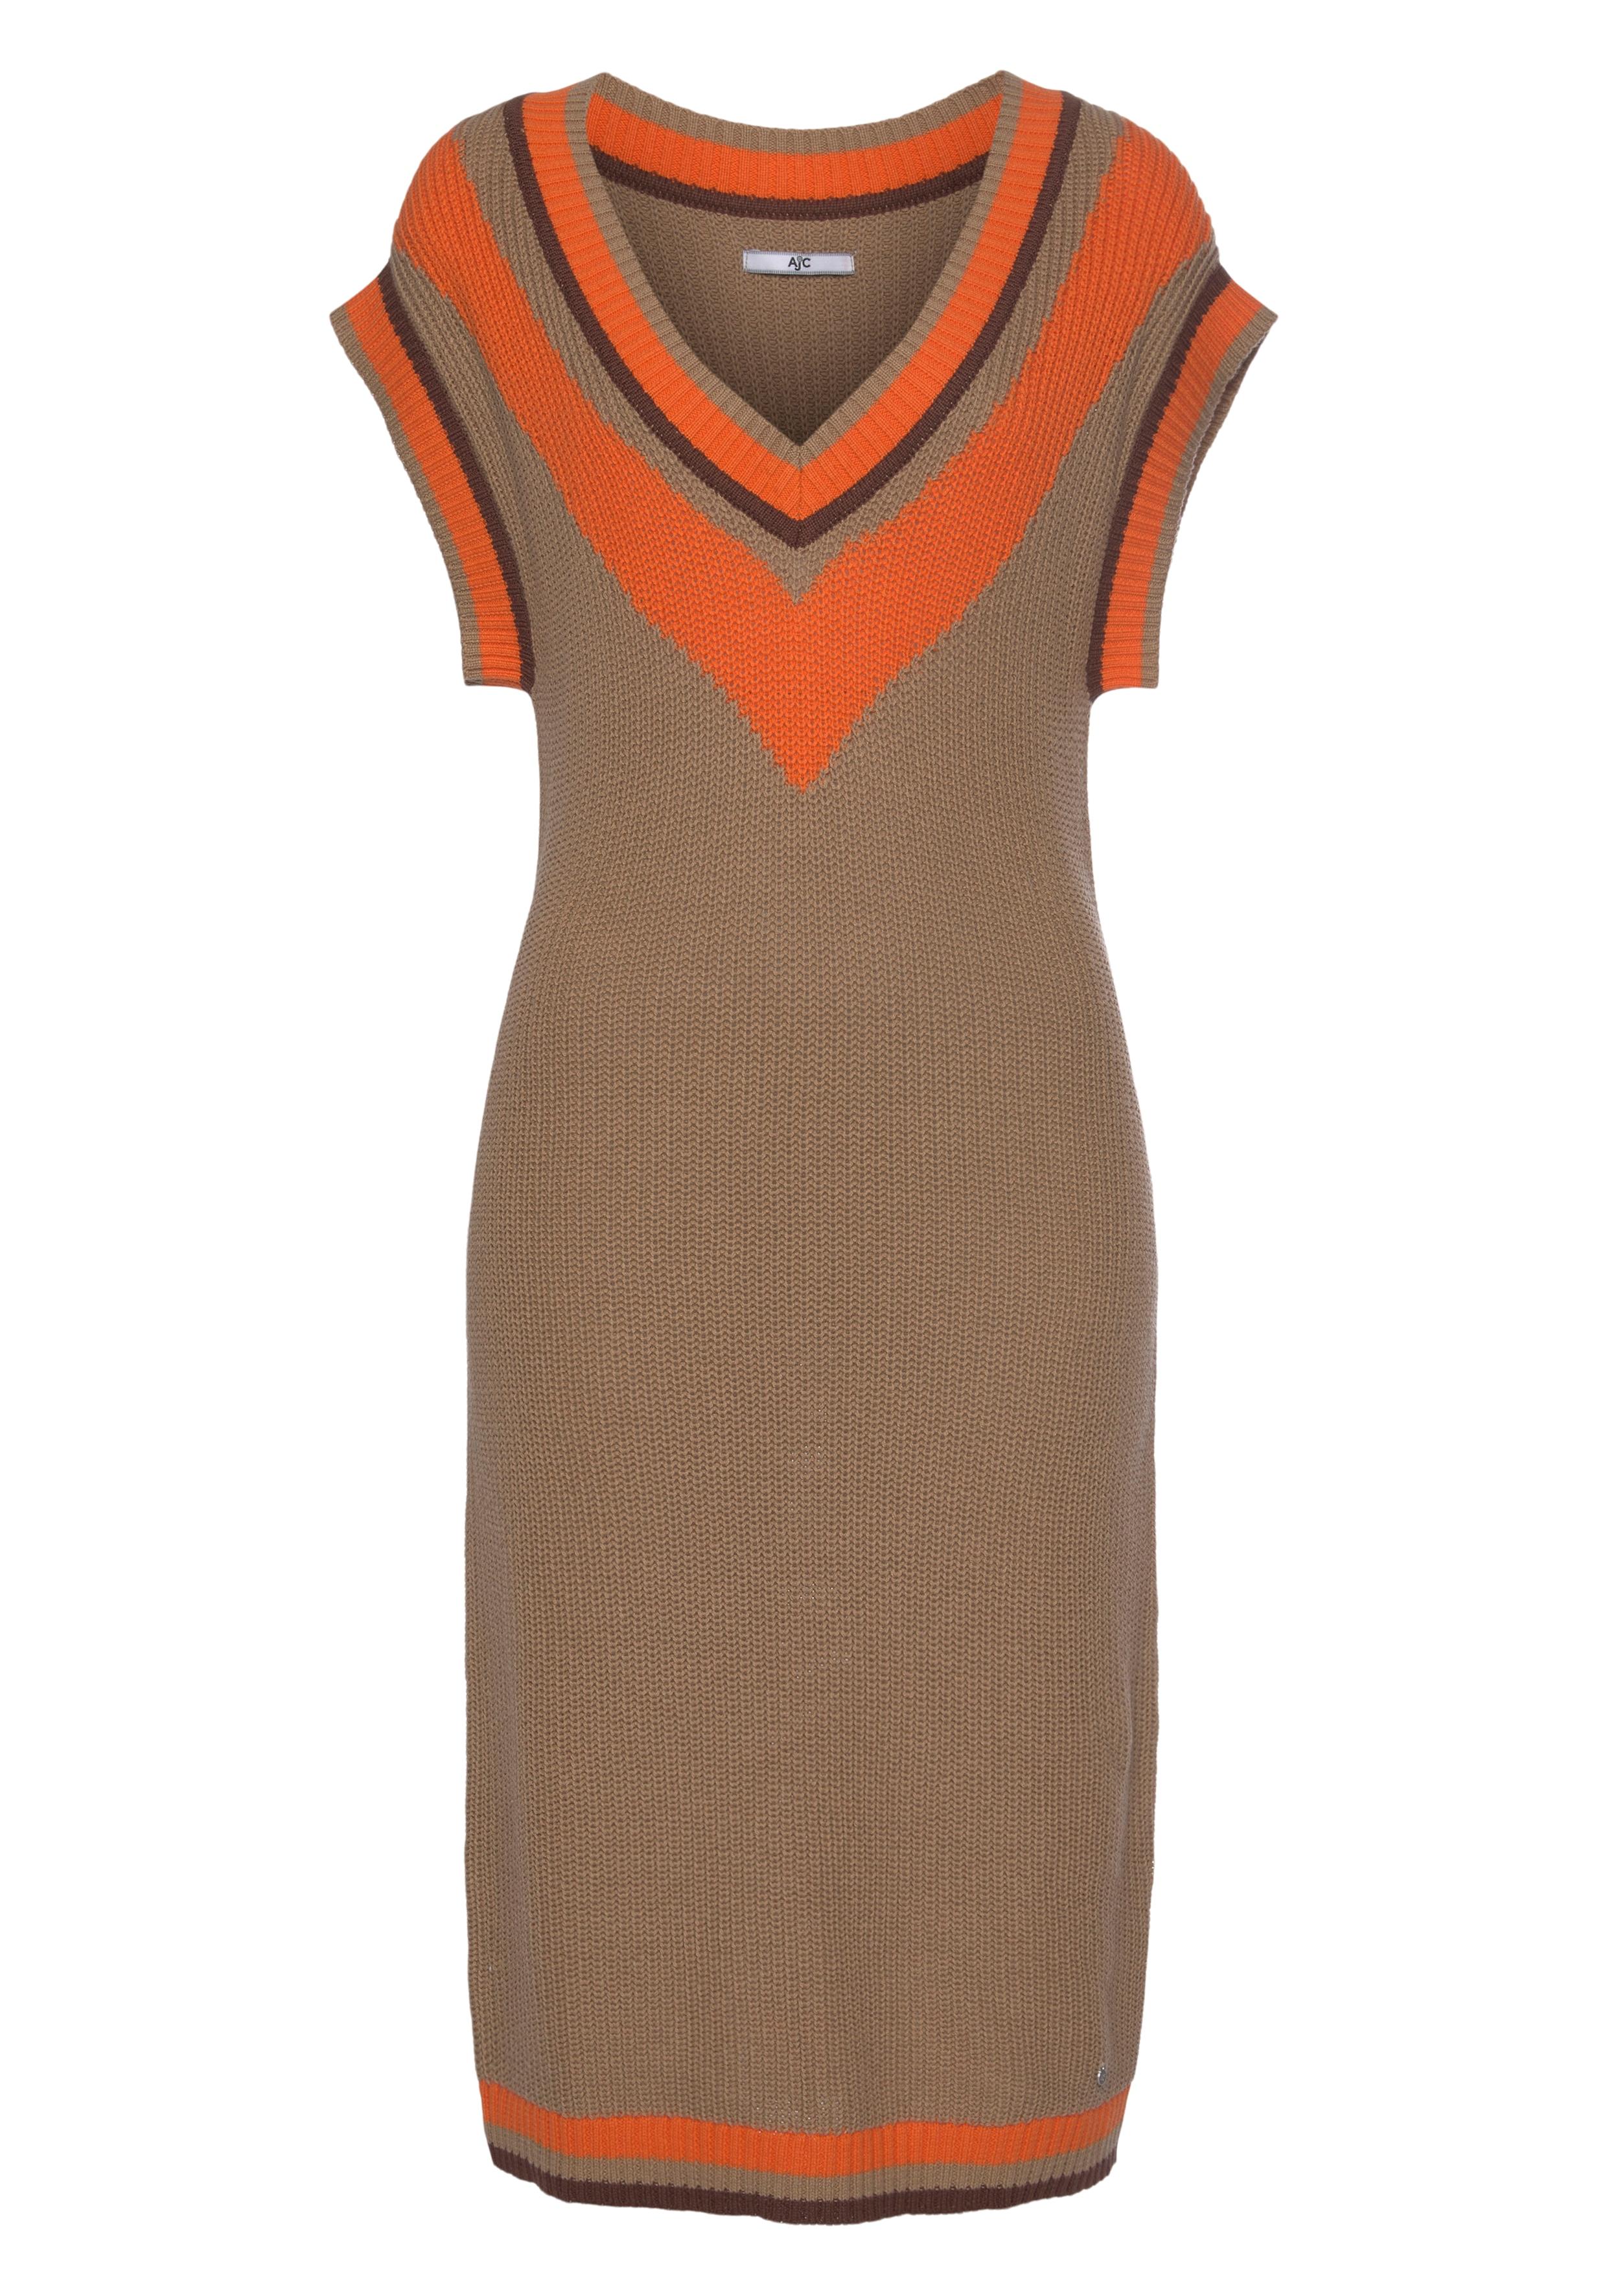 ajc -  Strickkleid, mit tiefem V-Ausschnitt und Konstraststreifen - NEUE KOLLEKTION